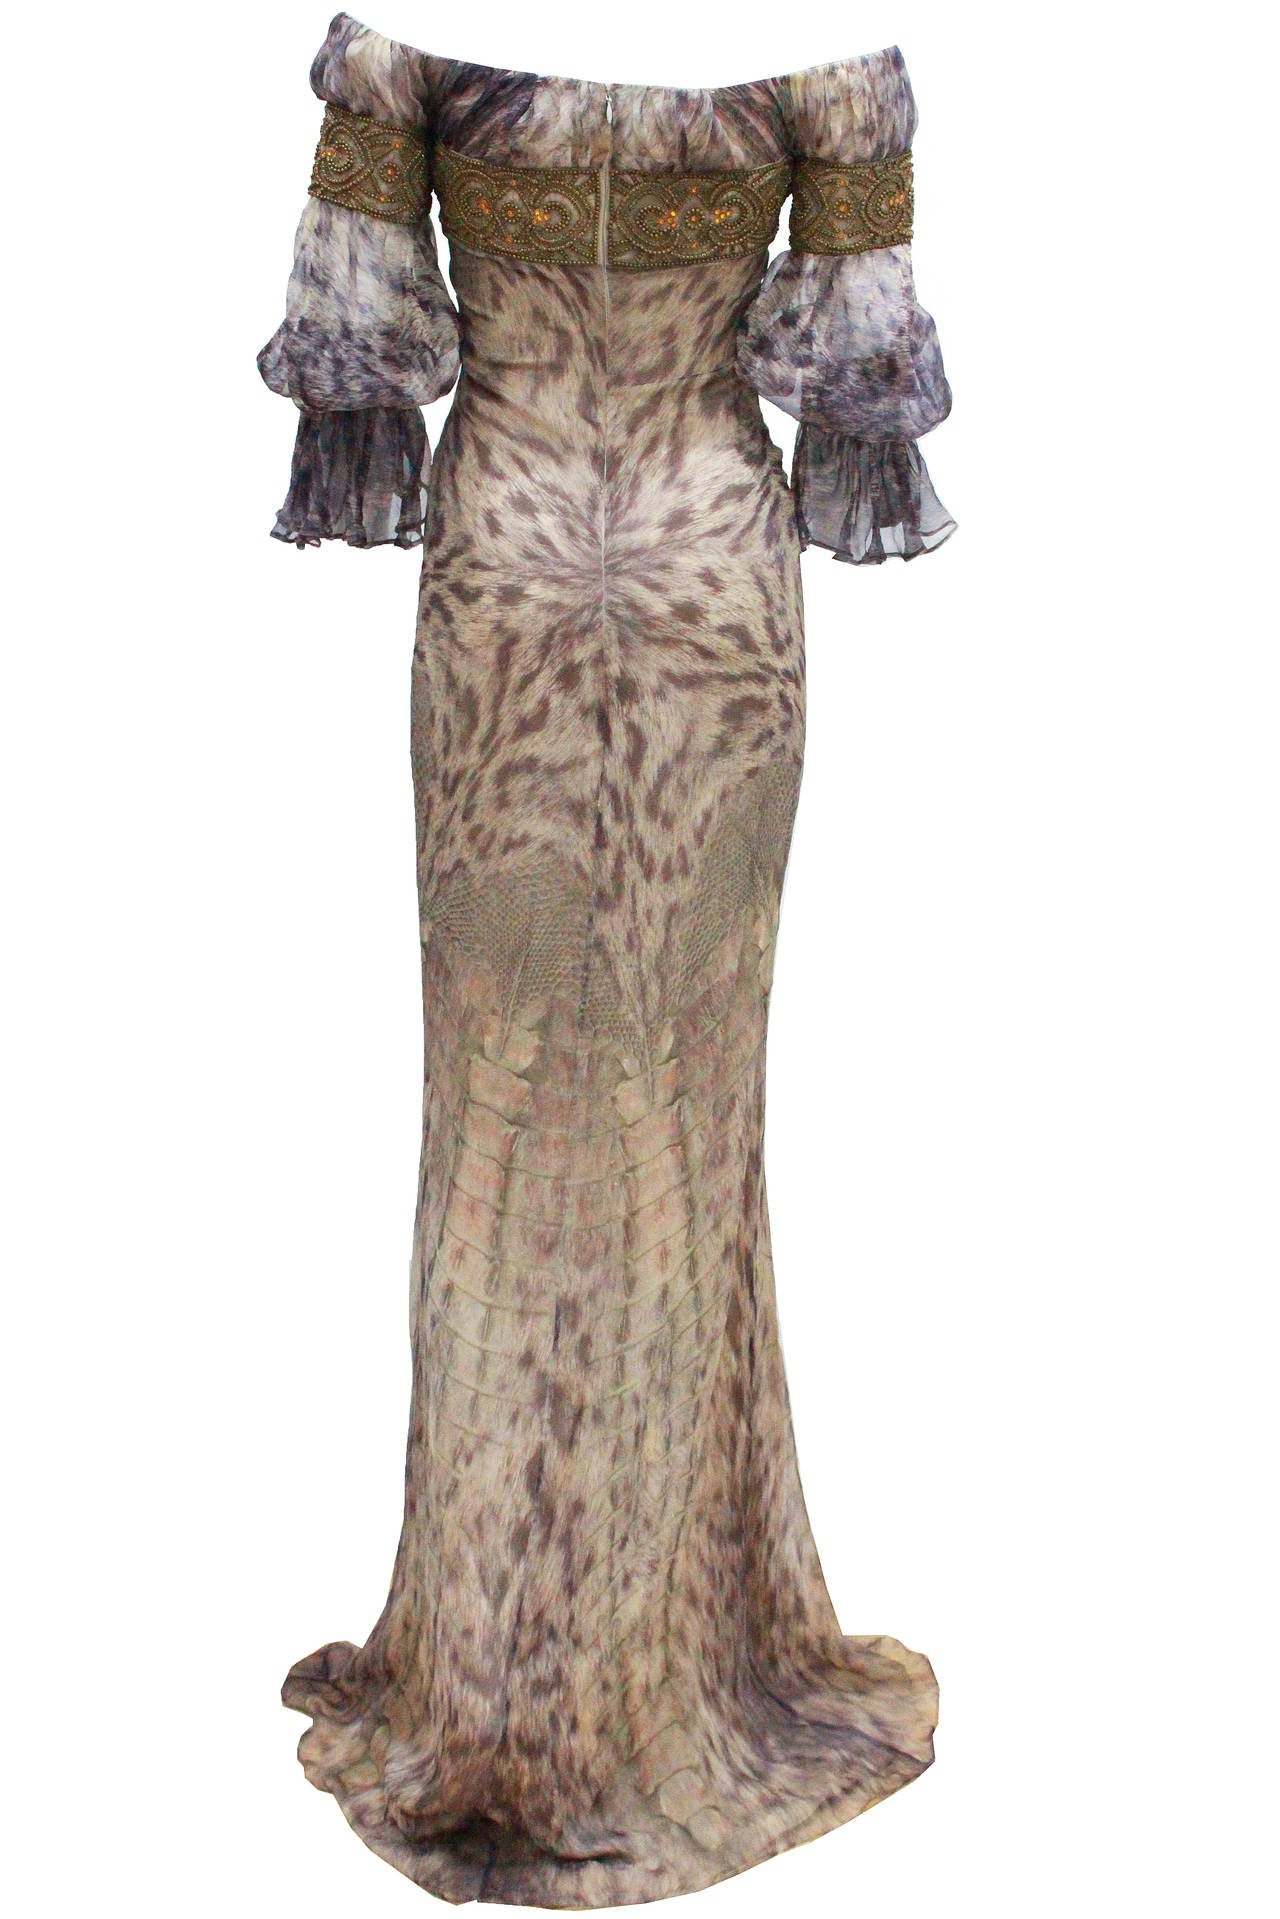 alexander mcqueen celtic dress fall 2004 for sale at 1stdibs. Black Bedroom Furniture Sets. Home Design Ideas